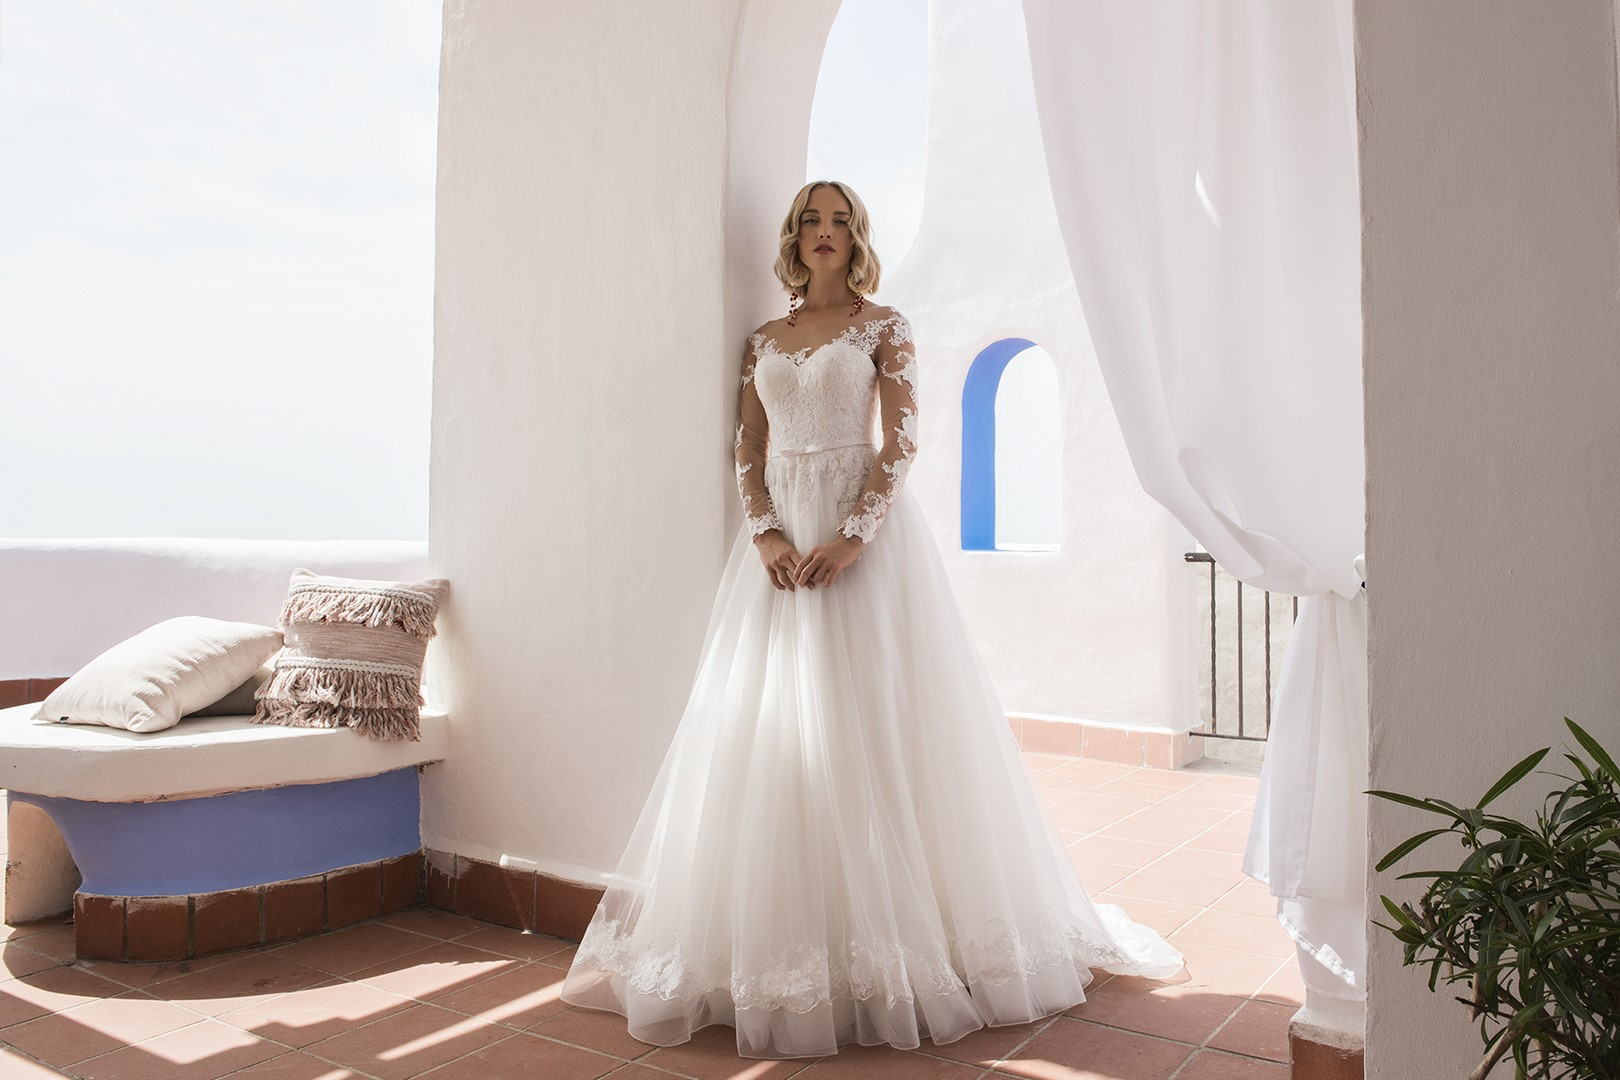 Anita-Jillian Elianto-0700-WEB Jillian Abiti da sposa Collezione 2020.jpg